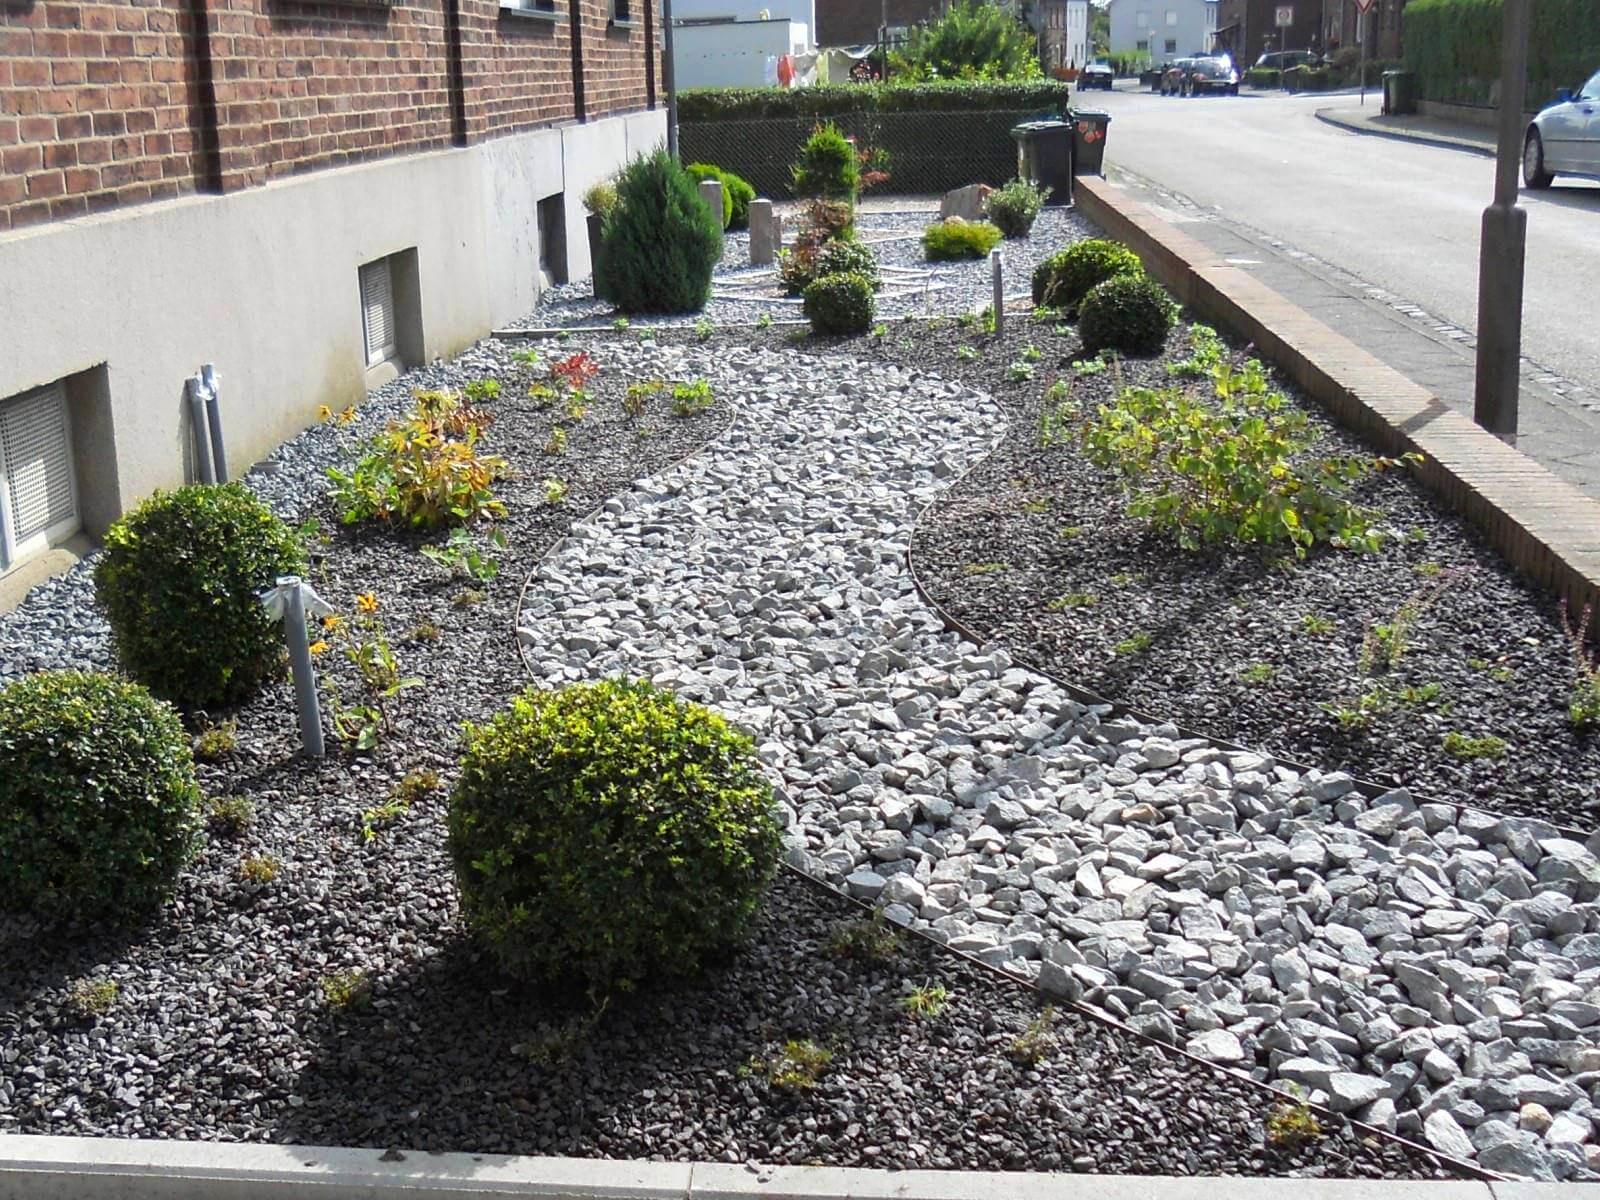 reihenhausgarten modern gestalten mit erstaunlich einzigartig 15 36 und erstaunlich genial erstaunlich bilder reihenhausgarten modern gestalten ideen of erstaunlich 1 mit reihenhausgarten modern g